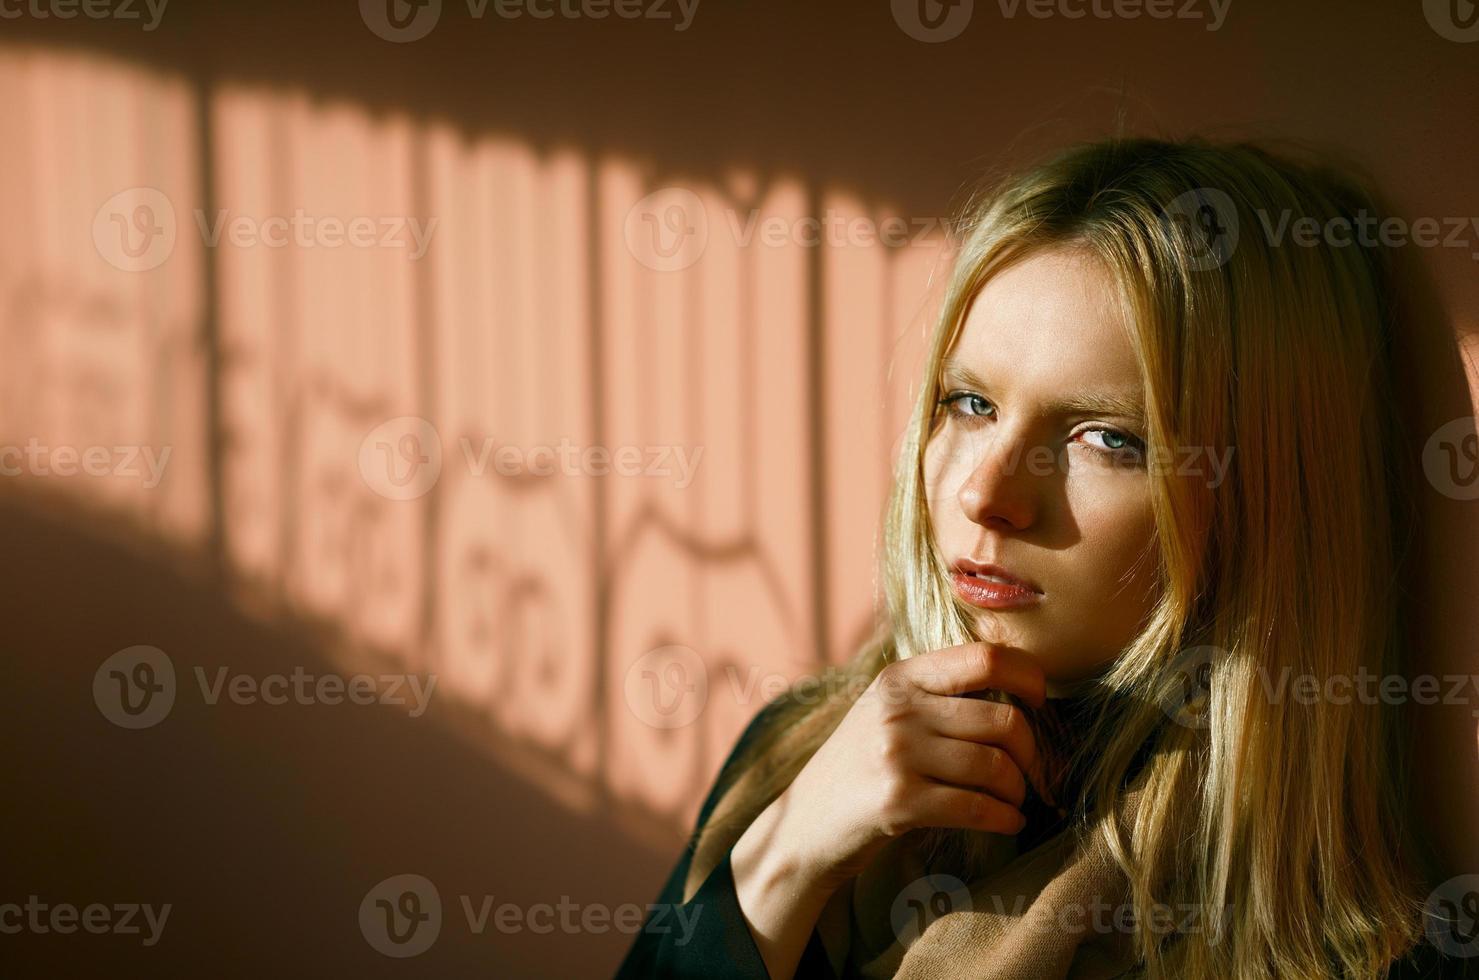 Ritratto di una bella ragazza all'ombra foto